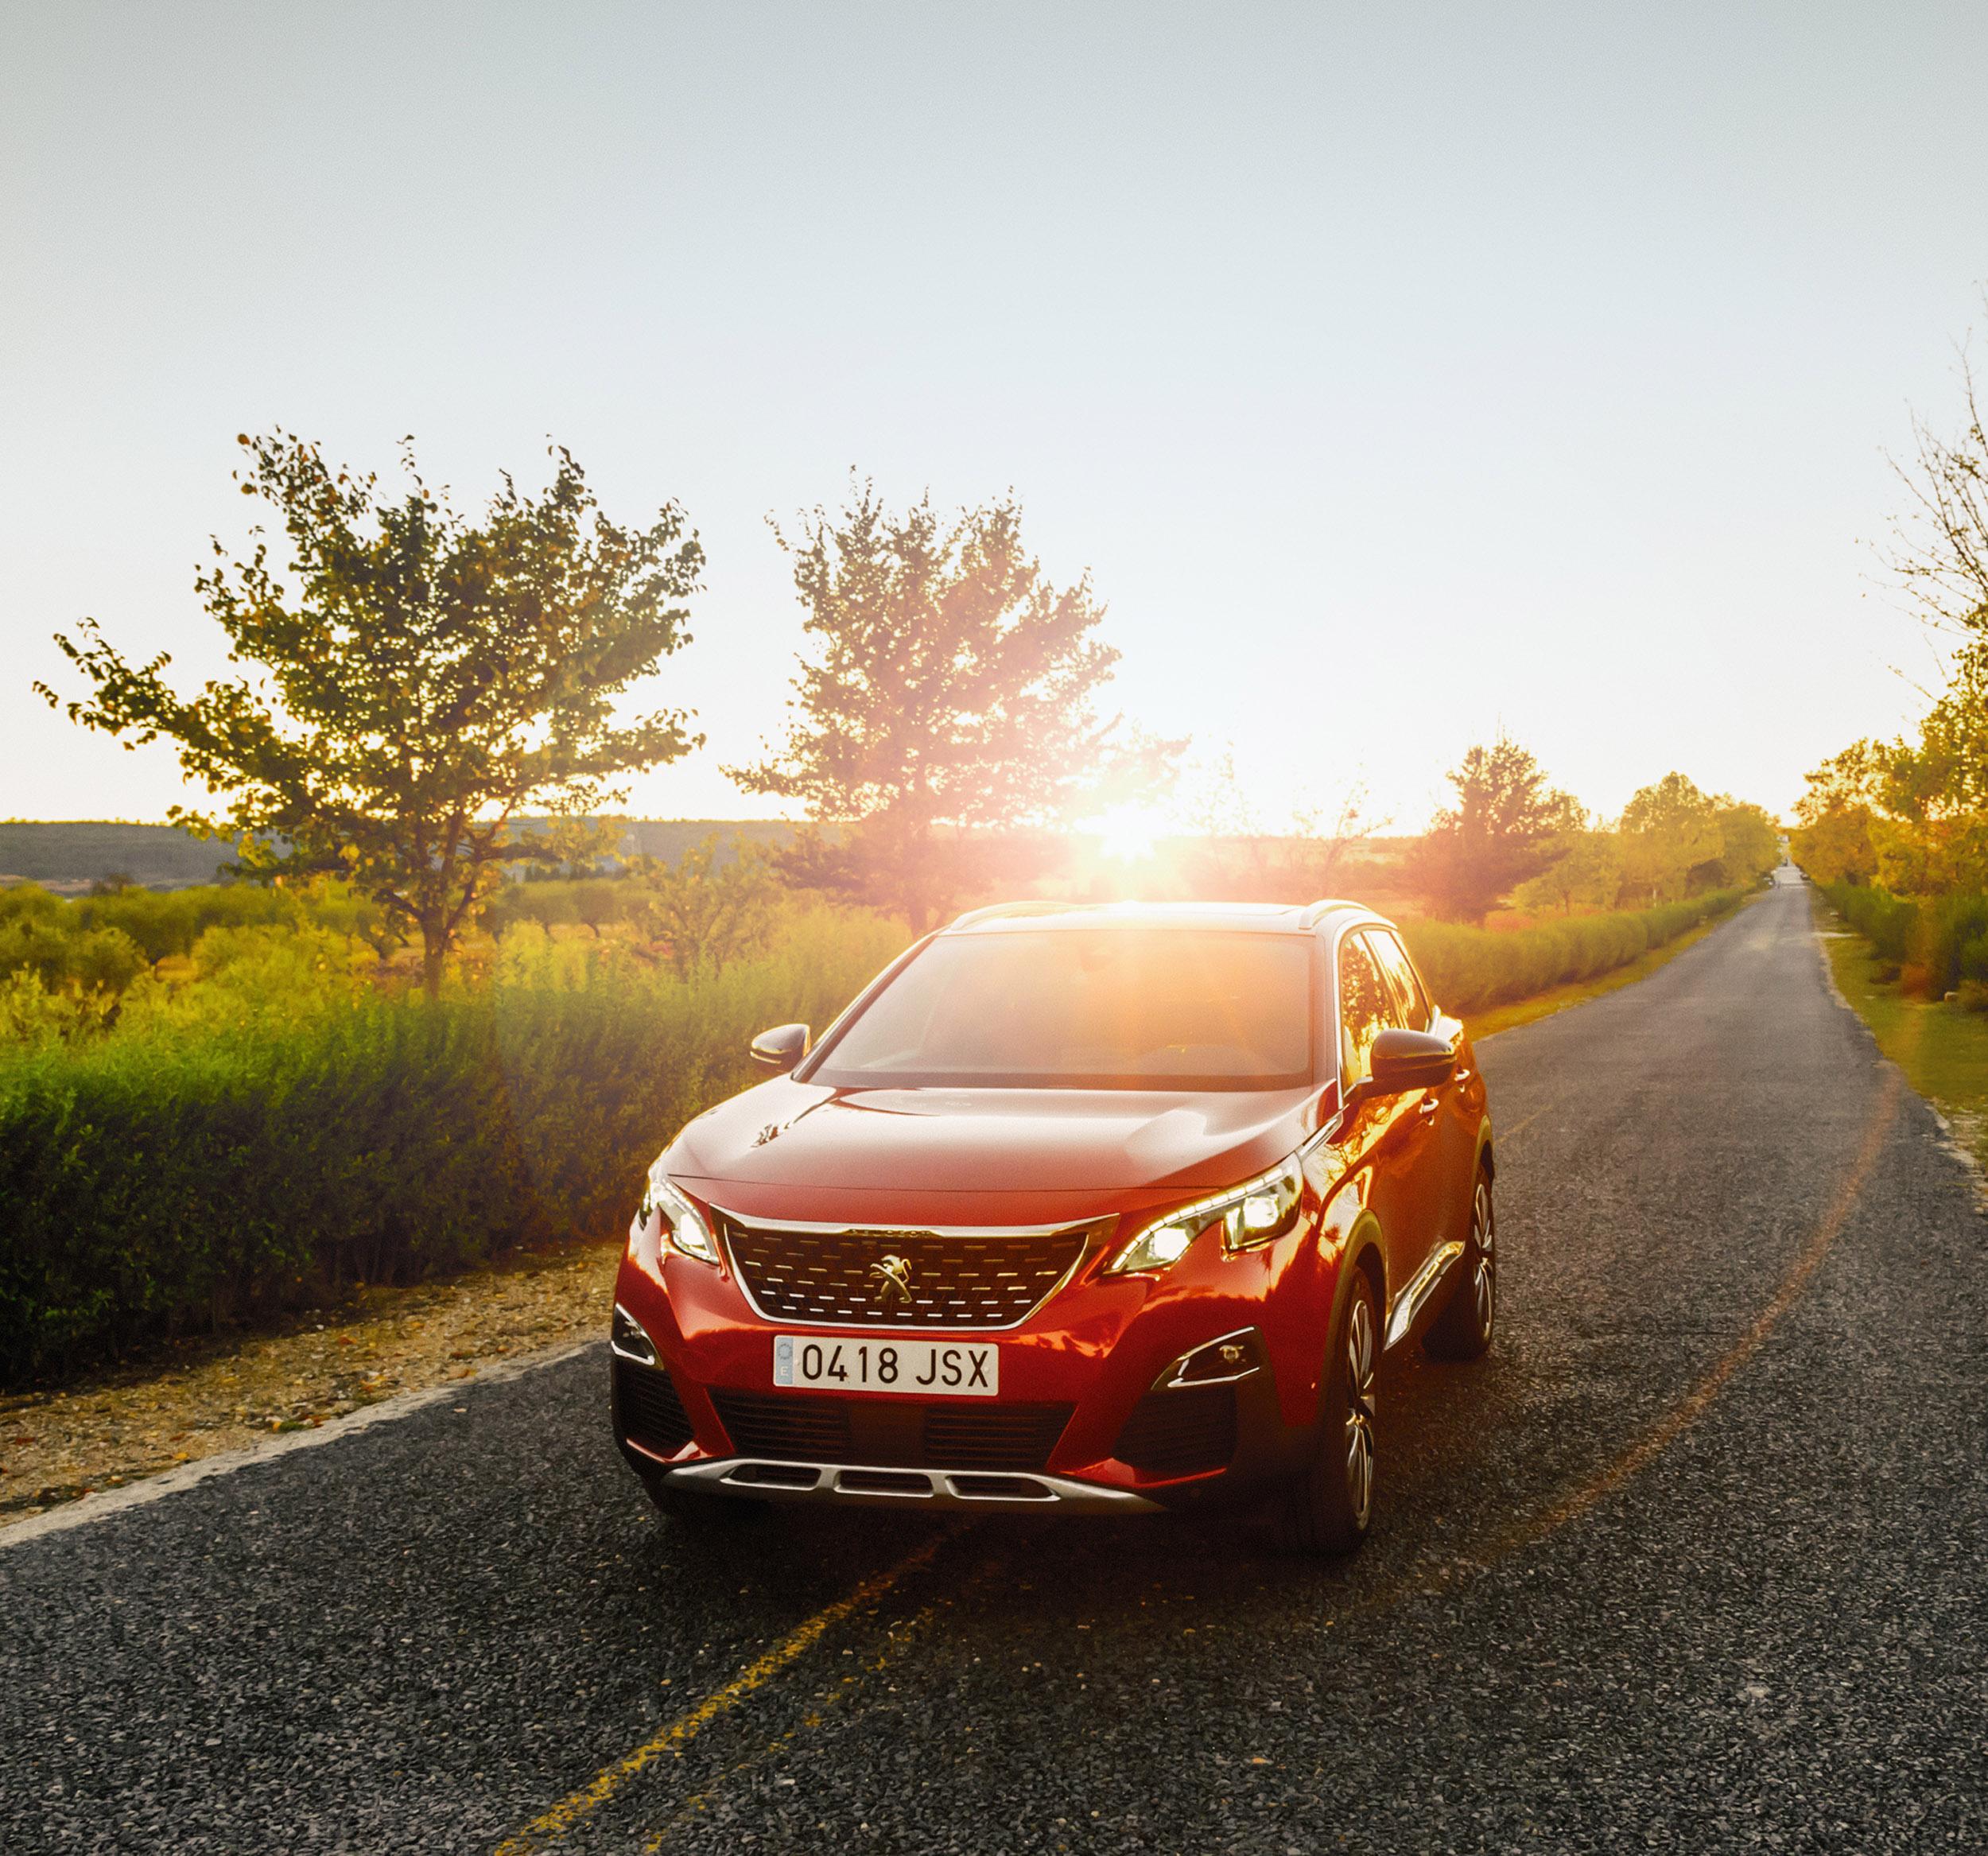 001_Peugeot.jpg